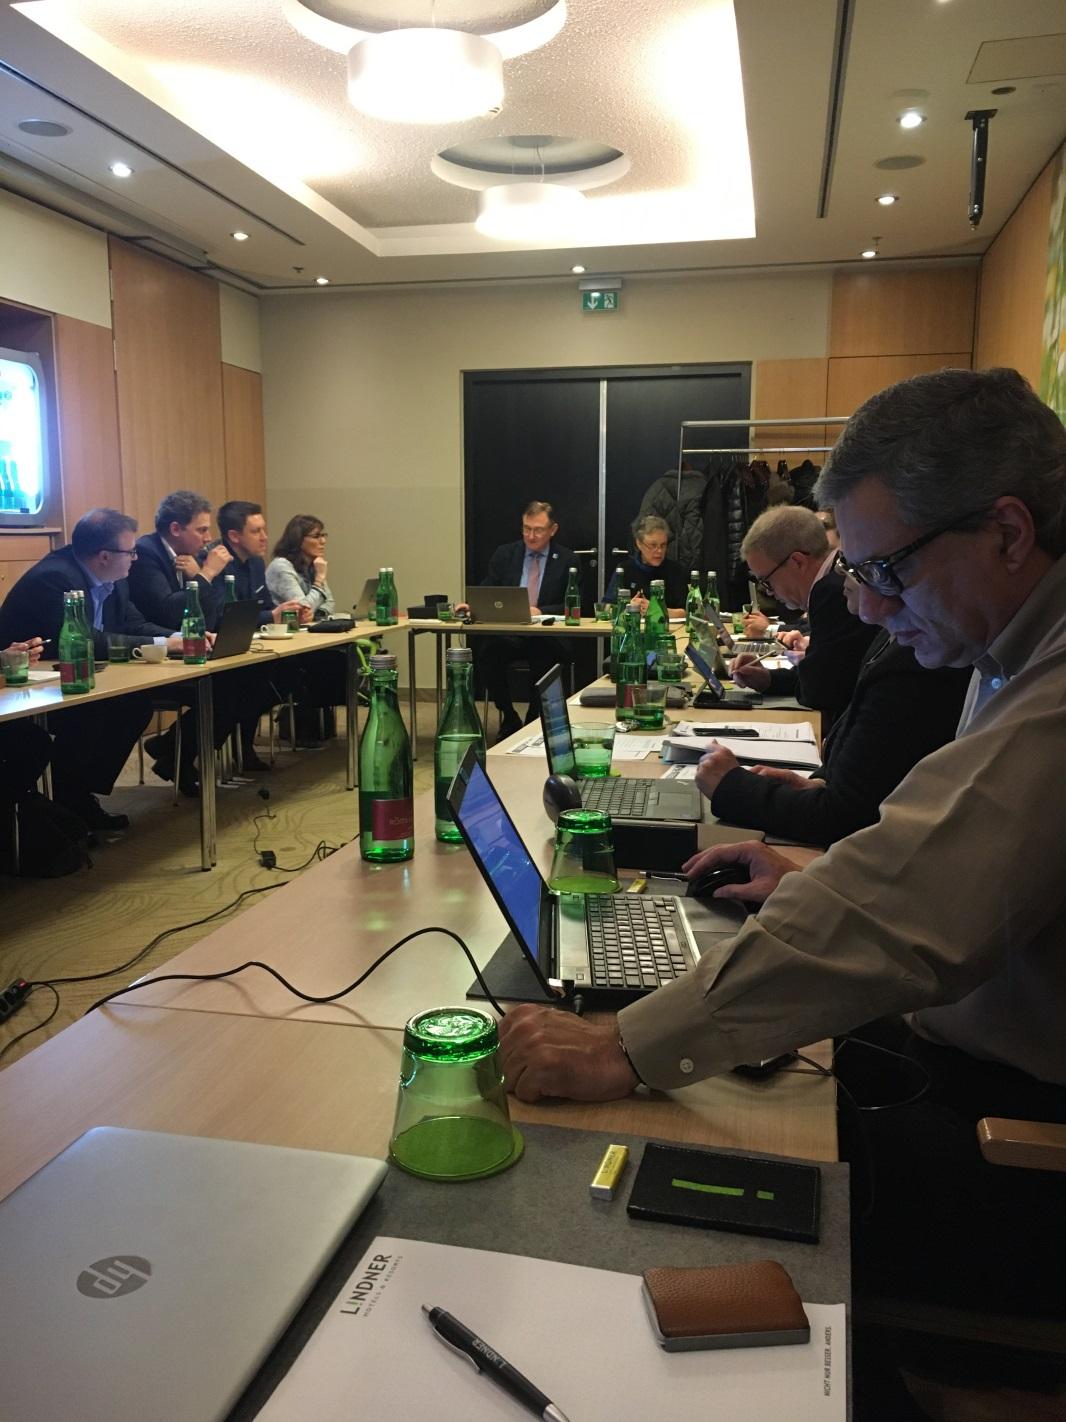 З червня 2020р. EAST змінює звичний формат роботи, заміняючи засідання  Національних представників міжнародними Конгресами, що є відображенням   стратегії глобалізацію  EAST та її співпраці з країнами за межами Європи.  Перше засідання EAST  відбулось в лютому 2004 року в Брюсселі (Бельгія), і протягом 16 років представники фінансових інститутів, профільних Асоціацій та процесингових компаній  країн Європи збираються  тричі   на рік для обміну актуальною інформацією щодо  банкоматного та платіжного шахрайства,   досвідом мінімізації ризиків та взаємодії з правоохоронними органами.